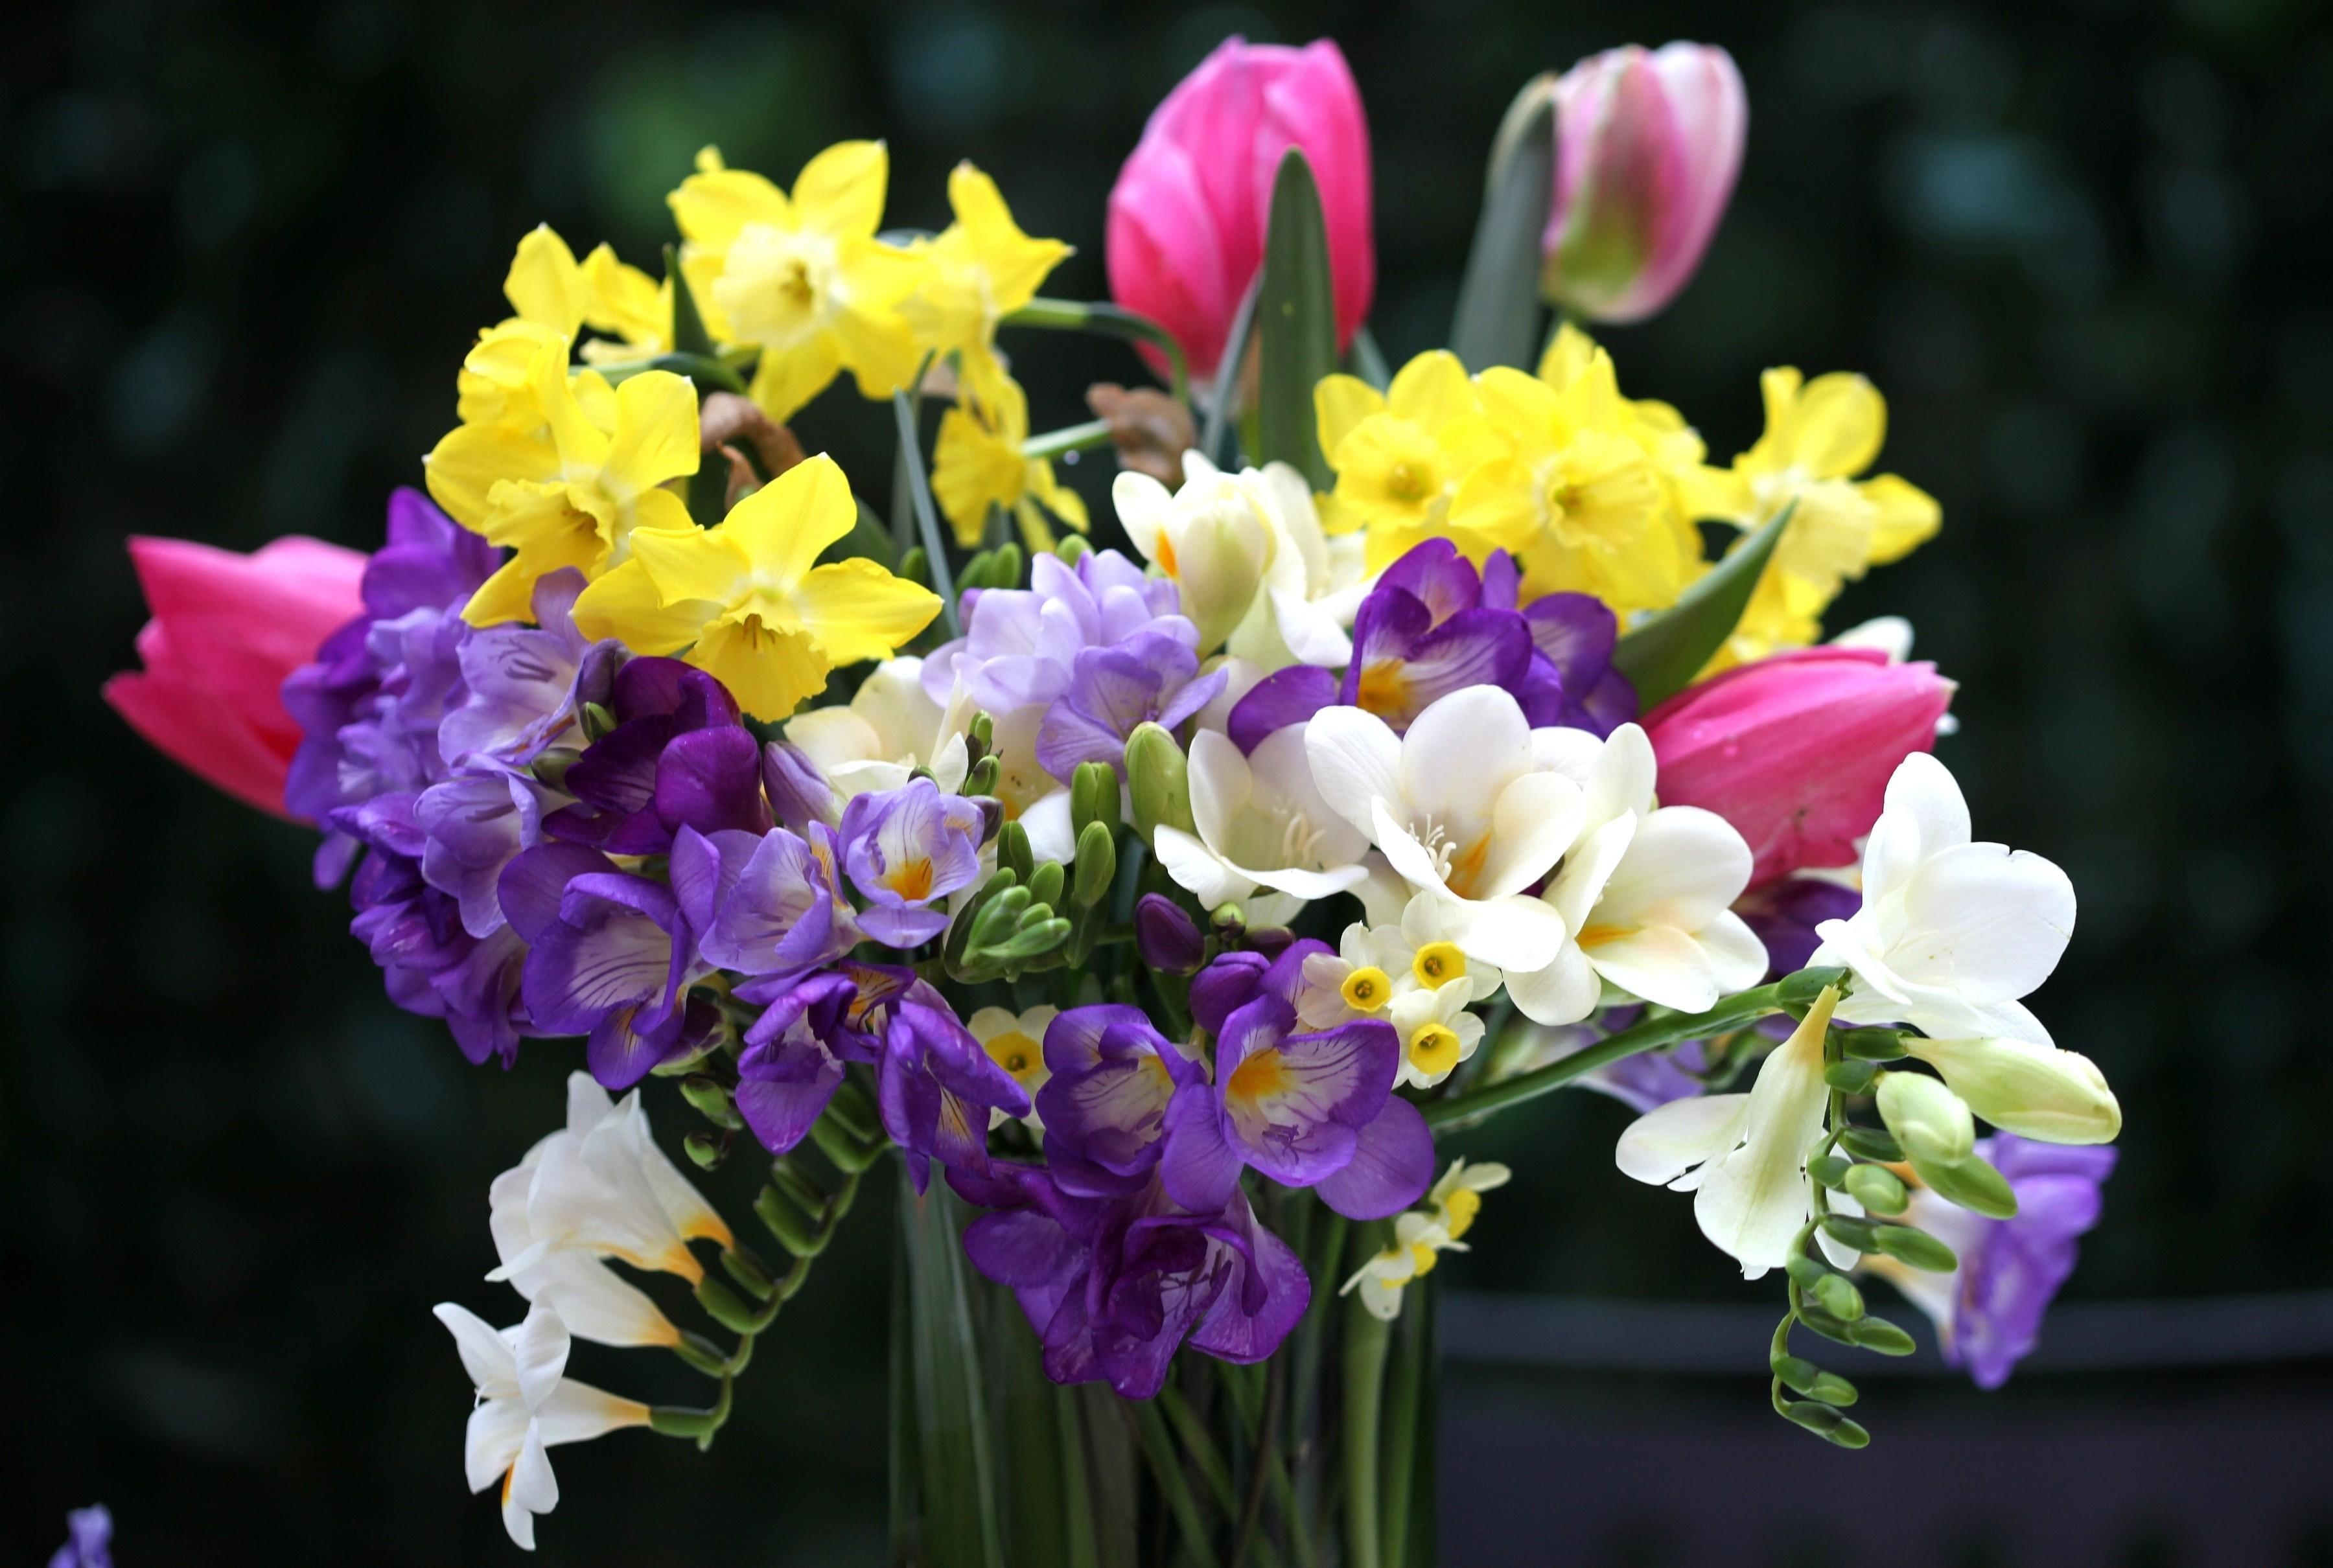 64605 Заставки и Обои Нарциссы на телефон. Скачать Тюльпаны, Цветы, Нарциссы, Букет, Ваза, Фрезия картинки бесплатно